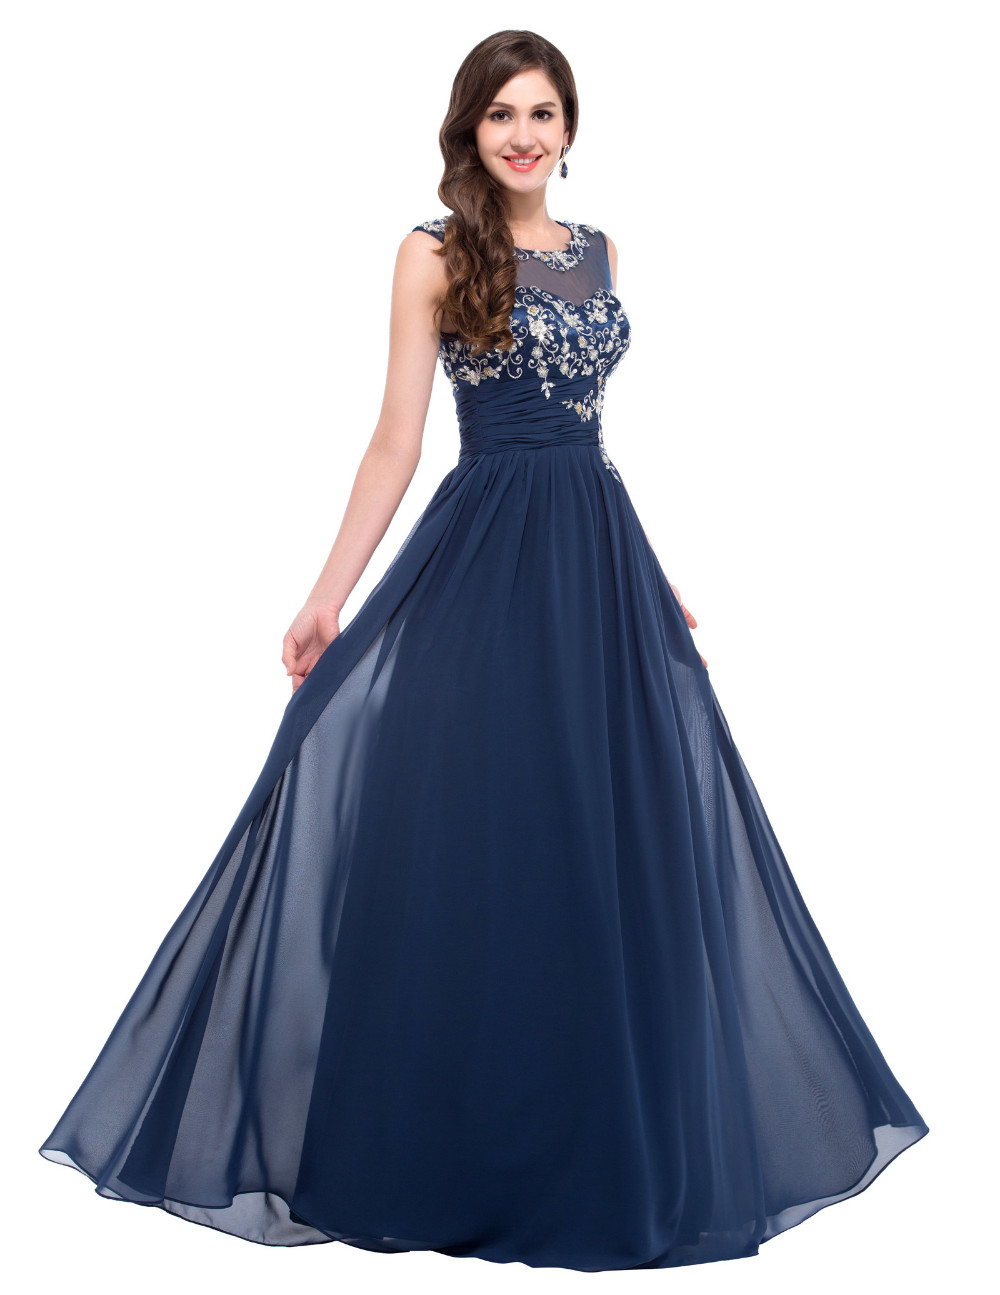 Elegant Chiffon Long Evening Bridesmaid Dress